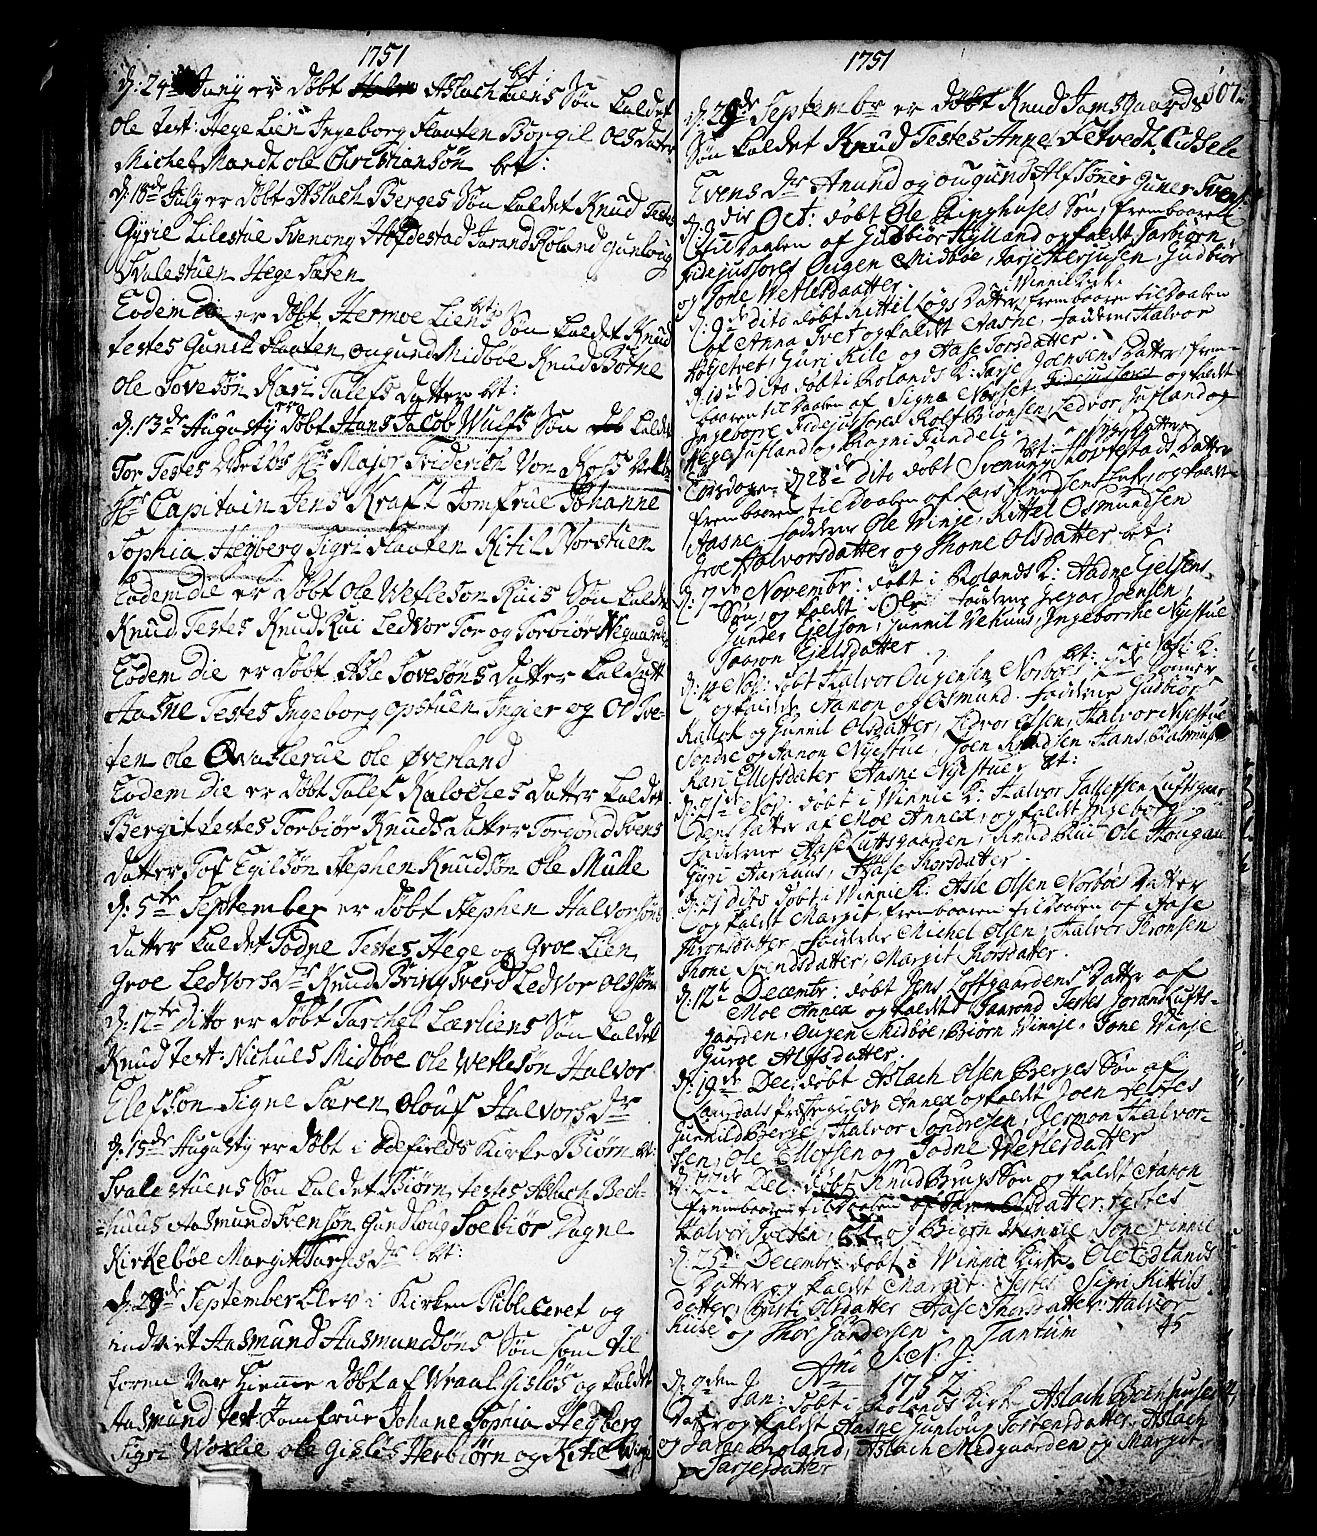 SAKO, Vinje kirkebøker, F/Fa/L0001: Ministerialbok nr. I 1, 1717-1766, s. 107